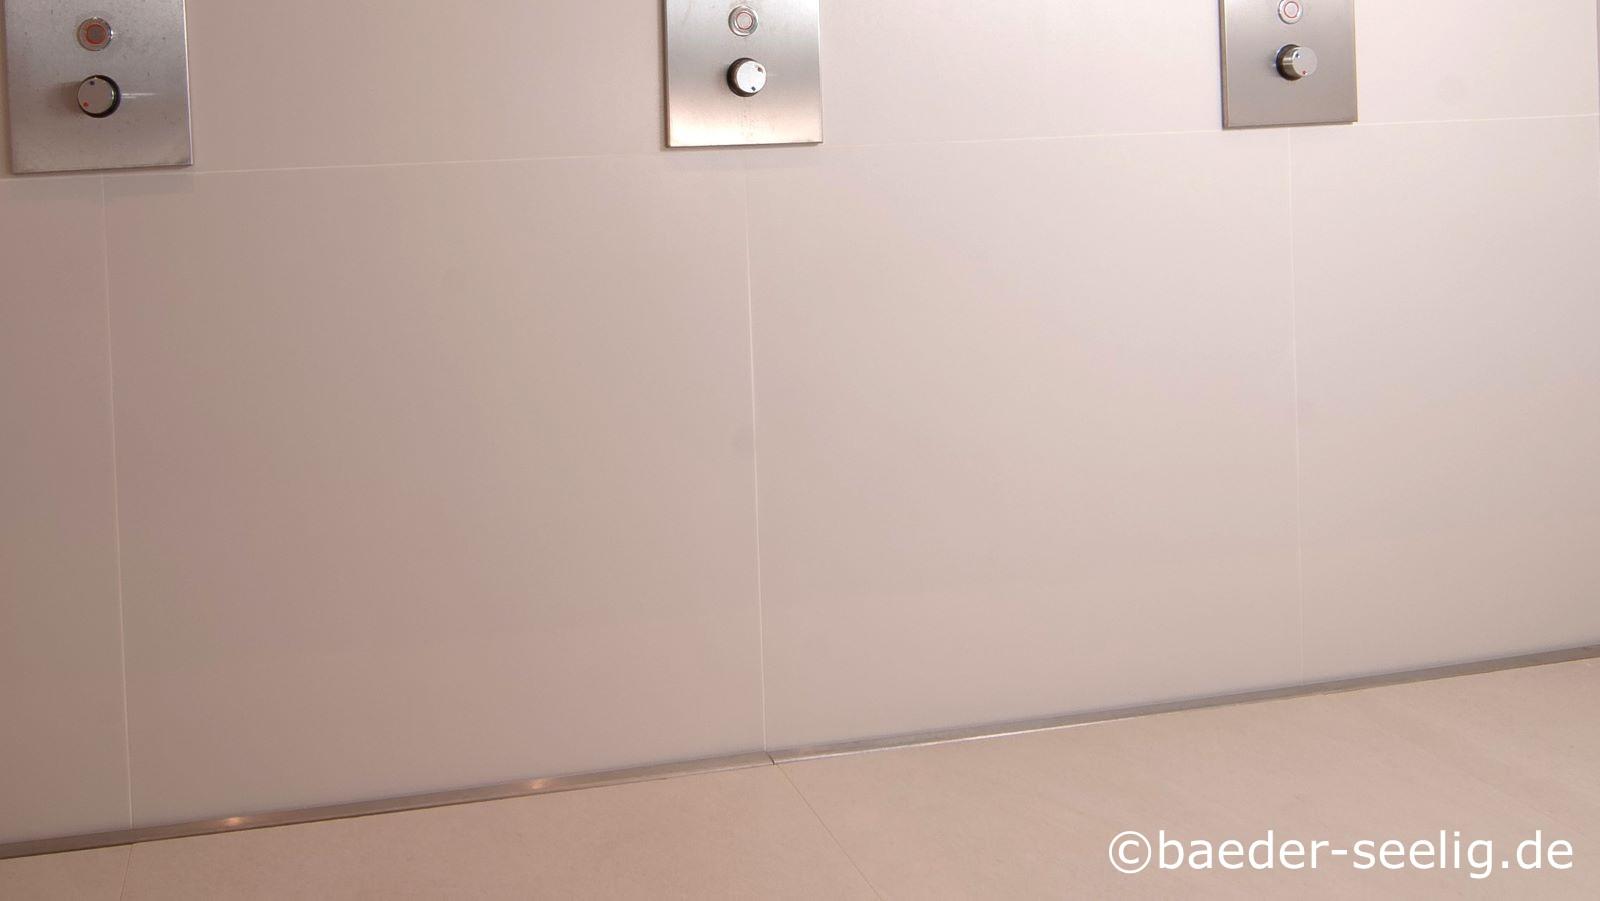 Abgebildet ist die v4a edelstahl-duschrinne pro als variabelste, mit 40 mm auch die flachste duschablaufrinne fuer reihenduschanlagen. Wandbuendiger einbau der schlitzablaufrinne von duschwand zu duschwand ist passgenau moeglich durch die sehr geringe einbauhoehe von nur 20 mm oder 40 mm, die cm-genaue massfertigung der langlebigen, robusten bodenablaufrinne, die auch gegen salzwasser und chlorhaltiges wasser unempfindlich ist, die individuellen wandaufkantungen und die vielen abflussvarianten. Hier zu sehen ist eine reihenduschanlage mit drei duscharmaturen in einem fitness-center.